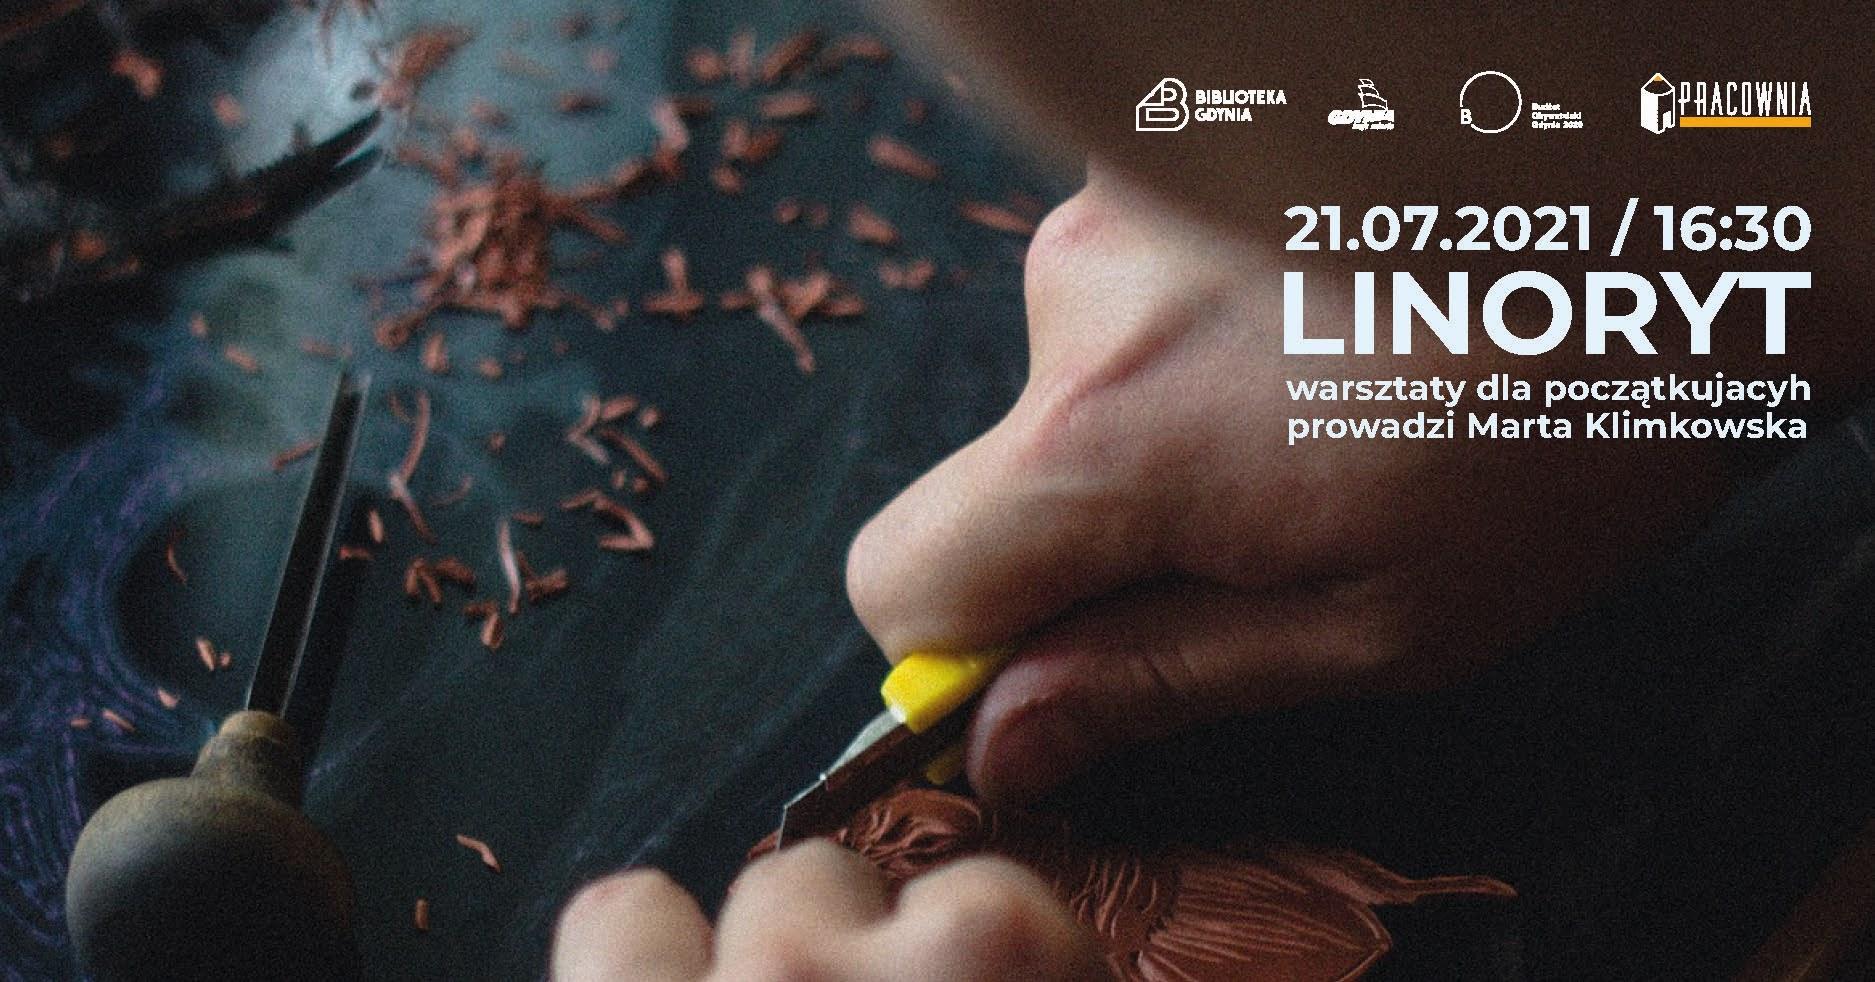 Linoryt – warsztaty dla początkujących